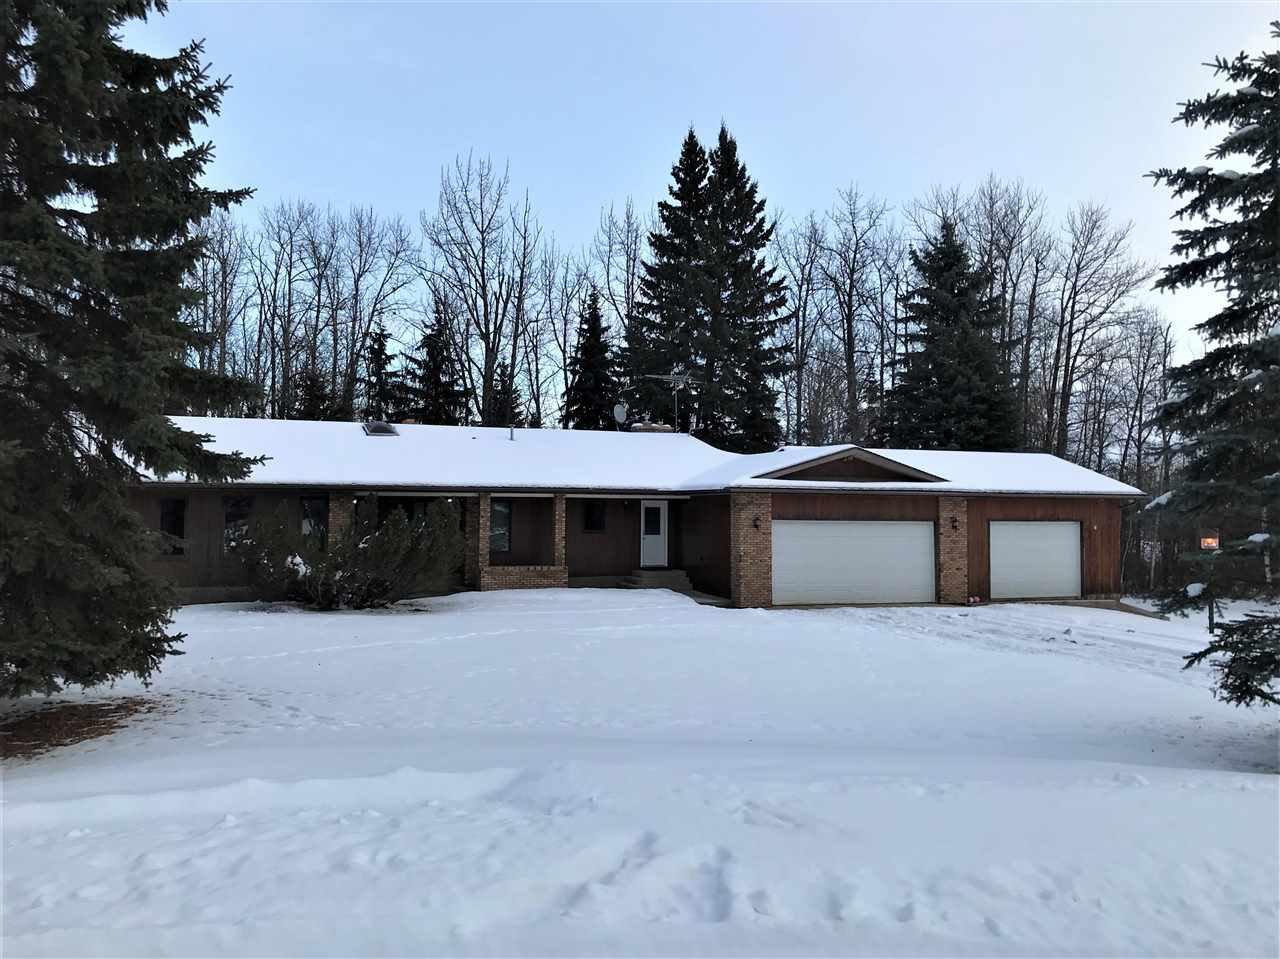 Main Photo: 140 Lac Ste. Anne Trail: Rural Sturgeon County House for sale : MLS®# E4224197